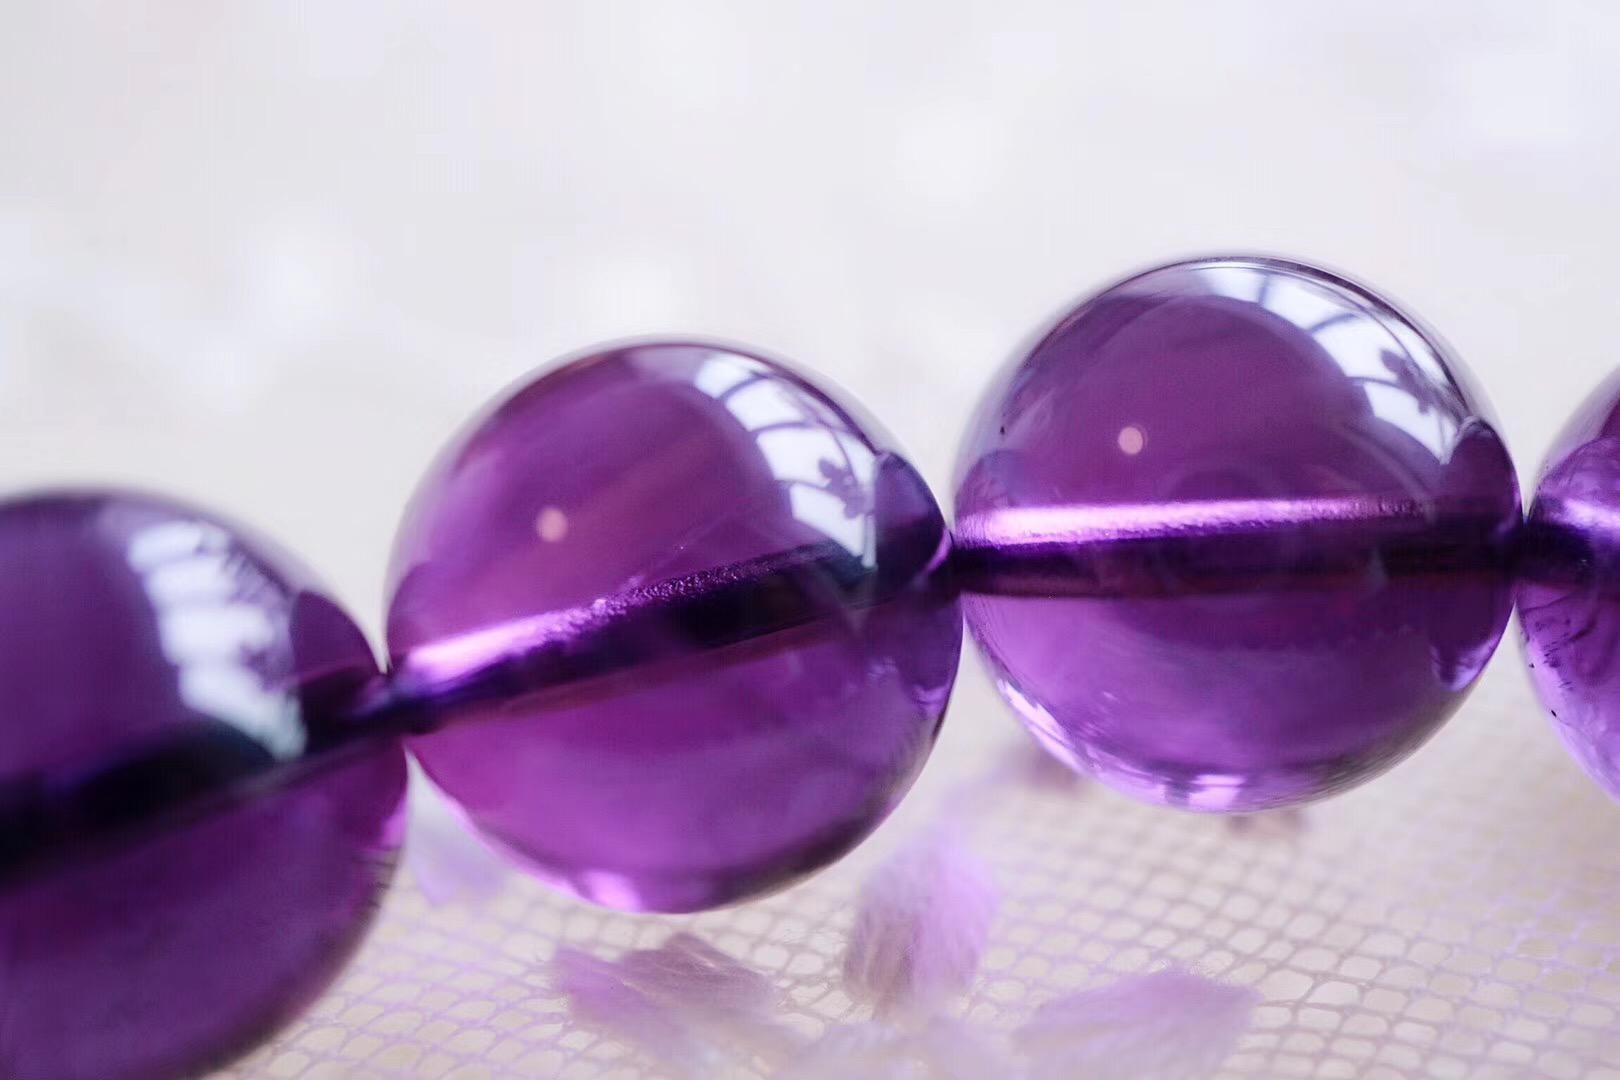 【菩心 | 紫水晶】 千百年来最受欢迎的风水石-菩心晶舍